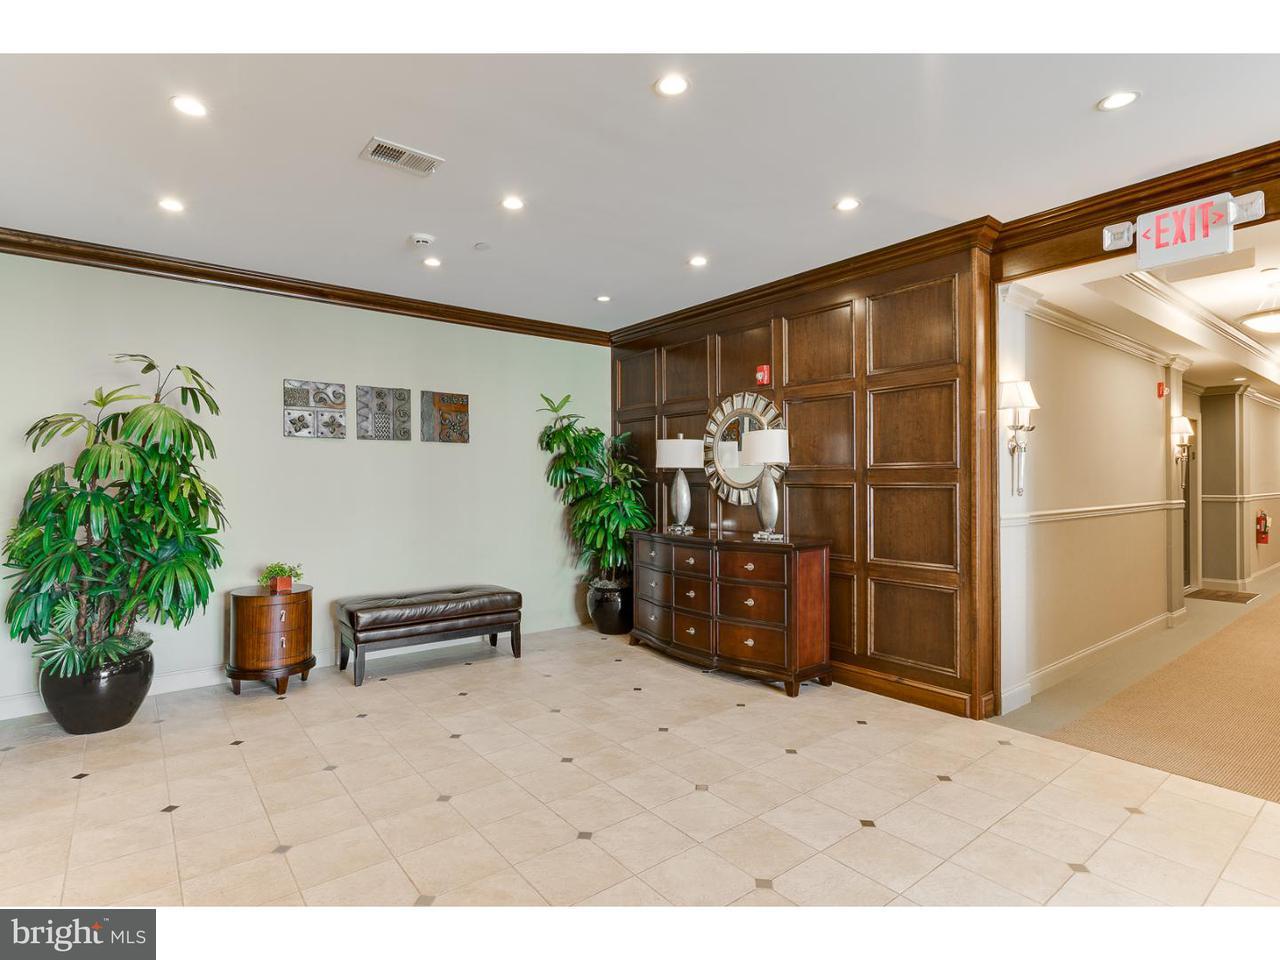 Частный односемейный дом для того Аренда на 2 N COMMERCE SQ #203 Robbinsville, Нью-Джерси 08691 Соединенные ШтатыВ/Около: Robbinsville Township